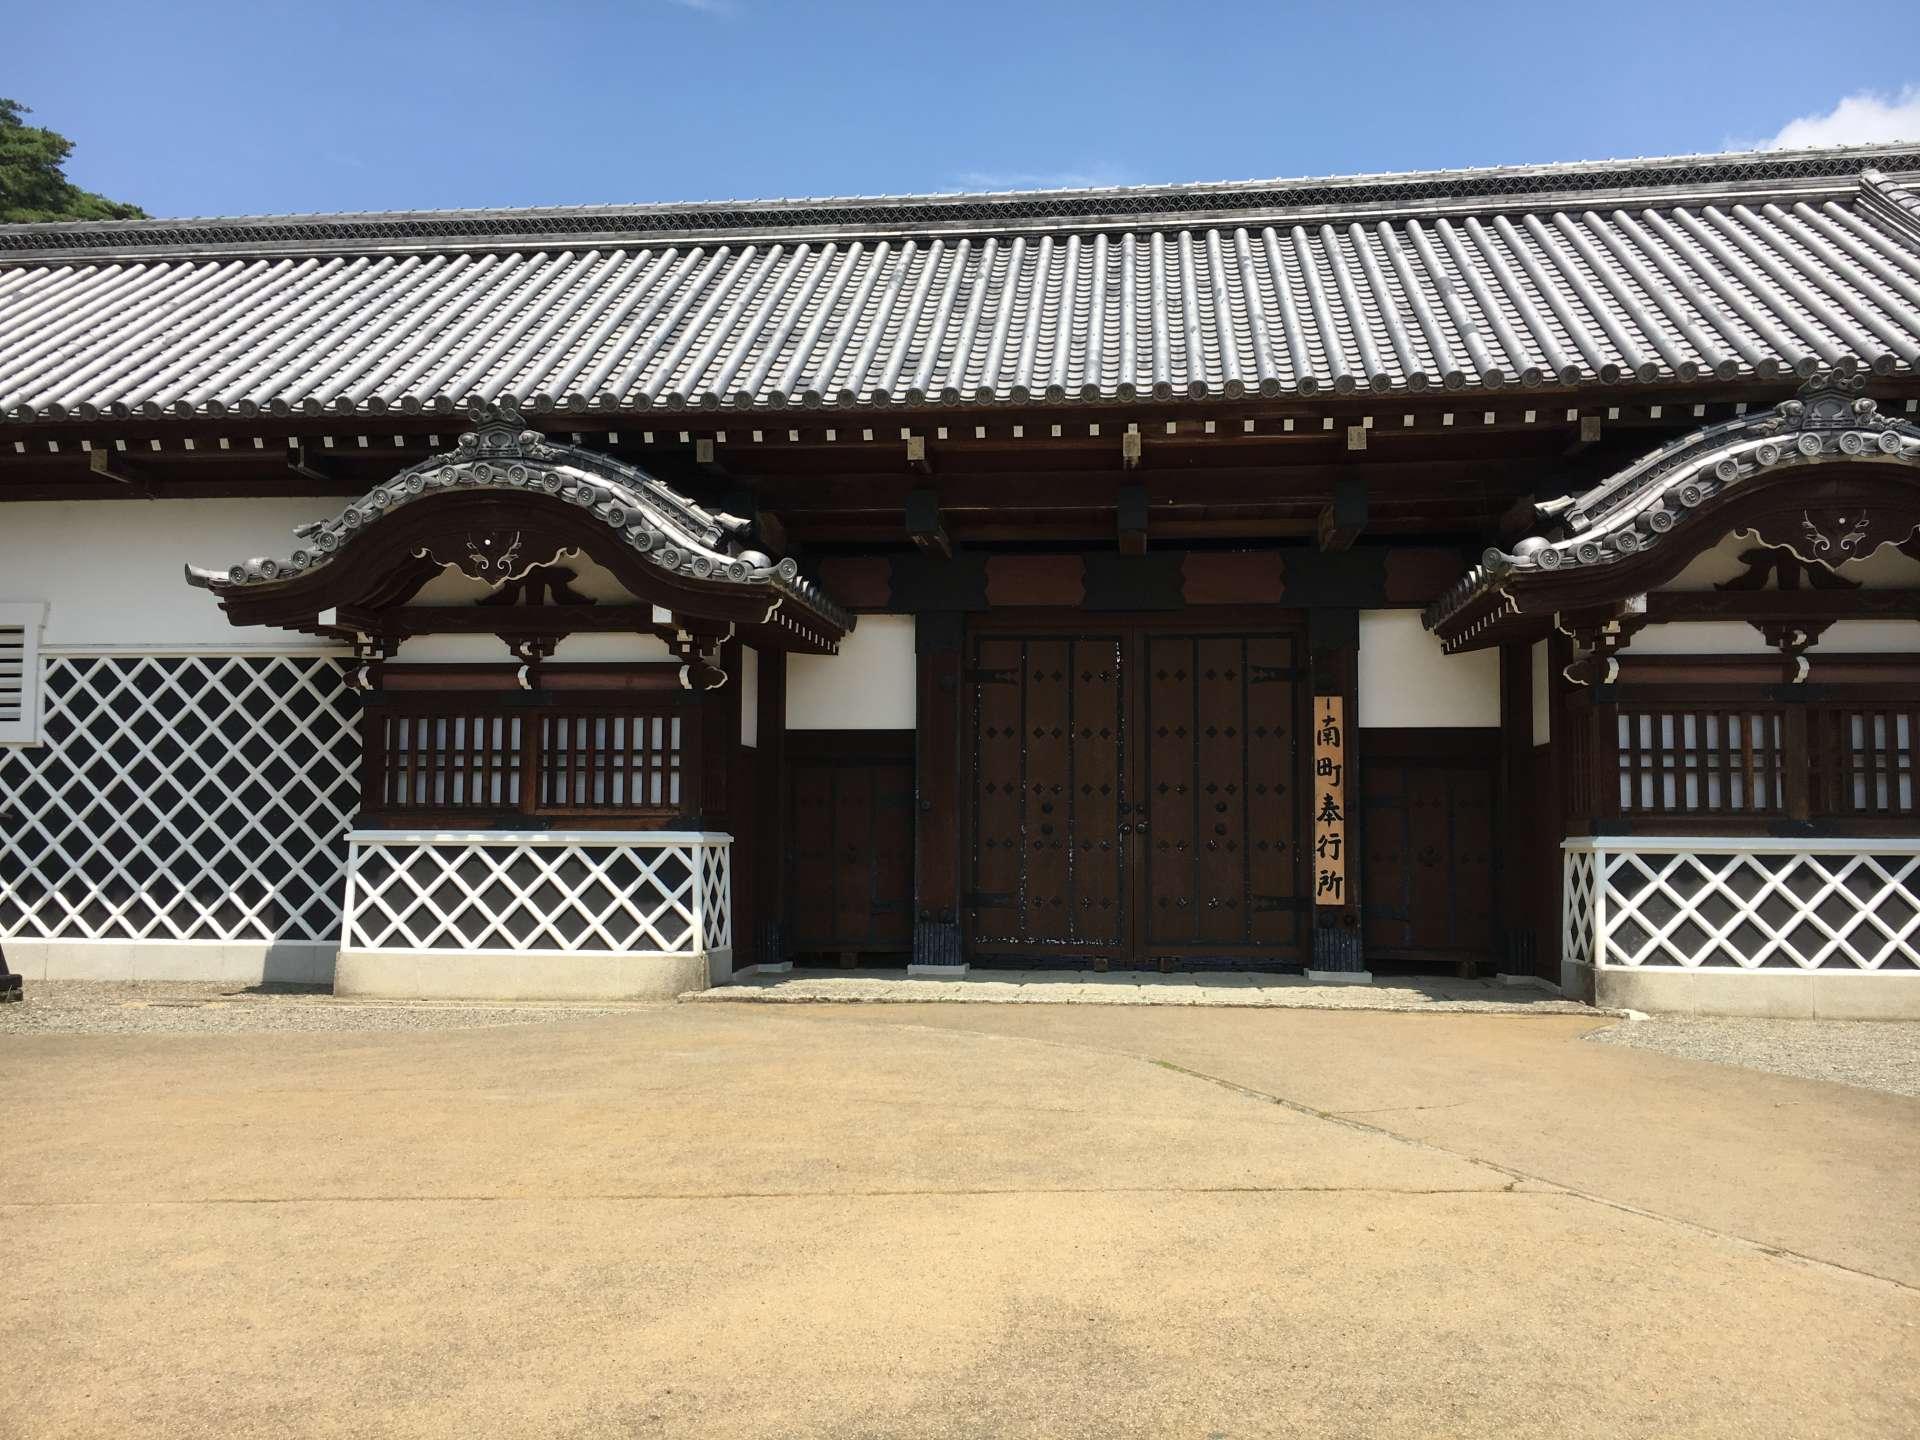 體驗劇場南町奉行所